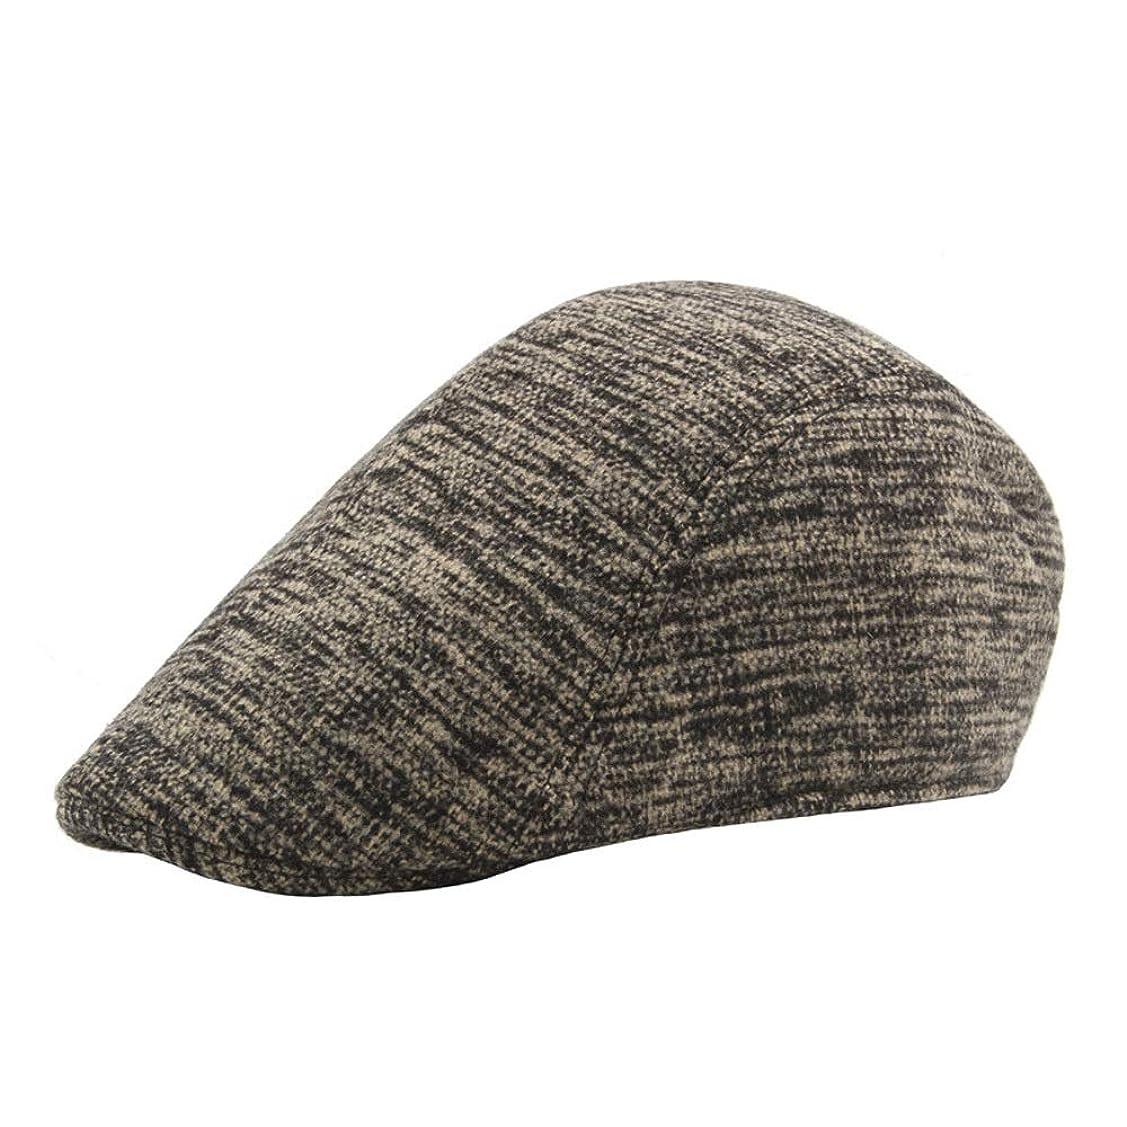 切り刻むプロポーショナル名前を作る2019ベレー帽コットンレディース落書きメンズアウトドアウールプラスコットンウォームアートフォワードベレー帽 レディースファッション帽子 (色 : ArmyGreen, サイズ : 56-58CM)